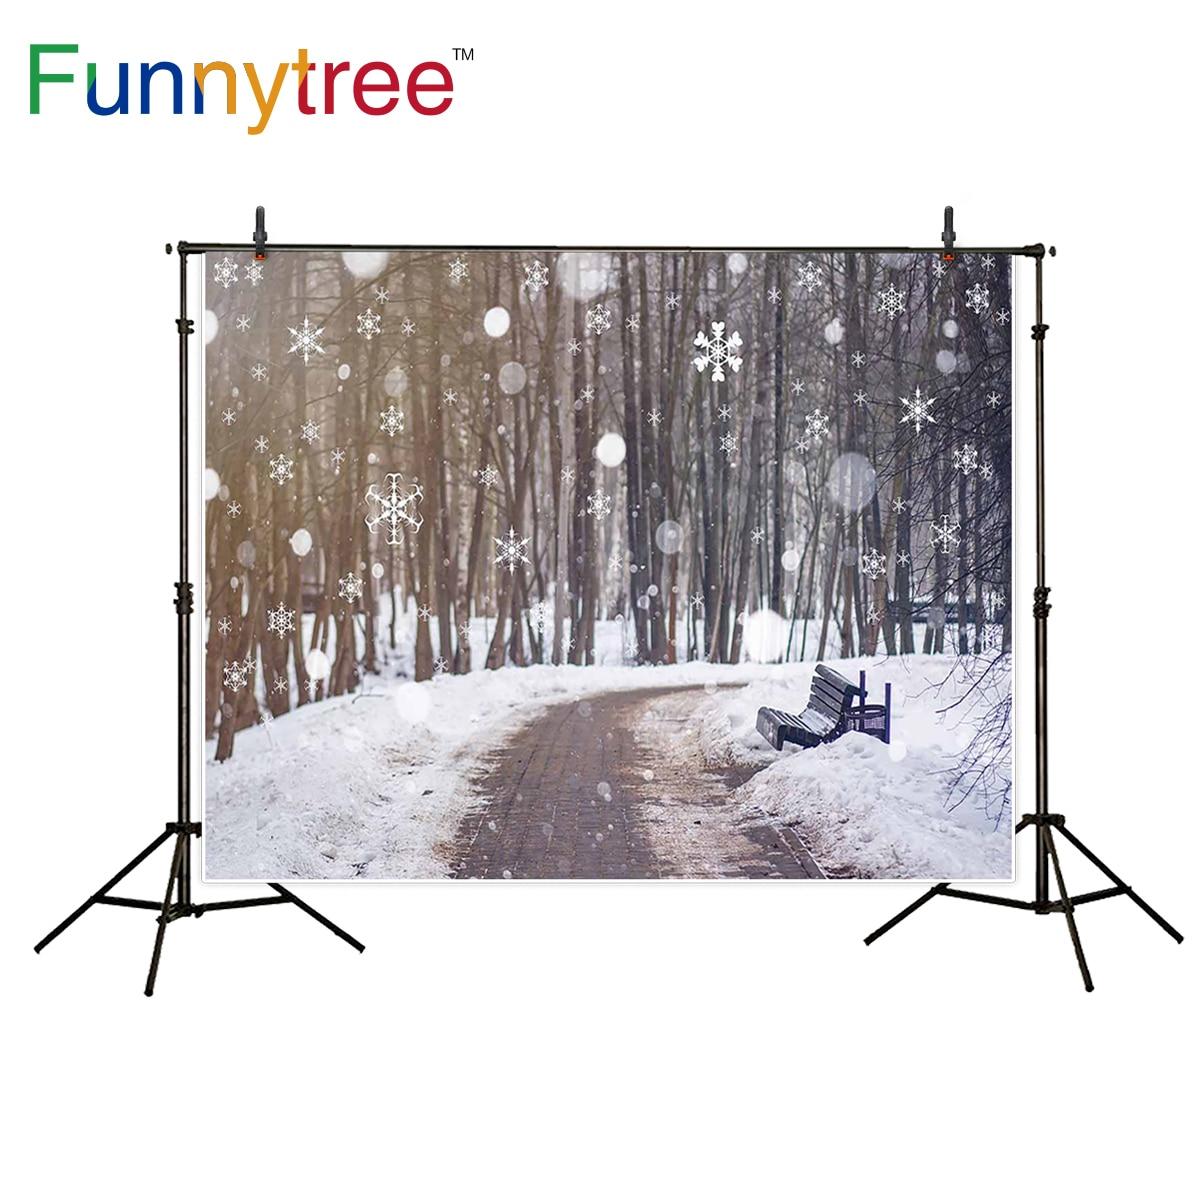 Funnytree фотографии backdropsSky снежинки деревянная скамья photocall фотостудия средства детской фотографии